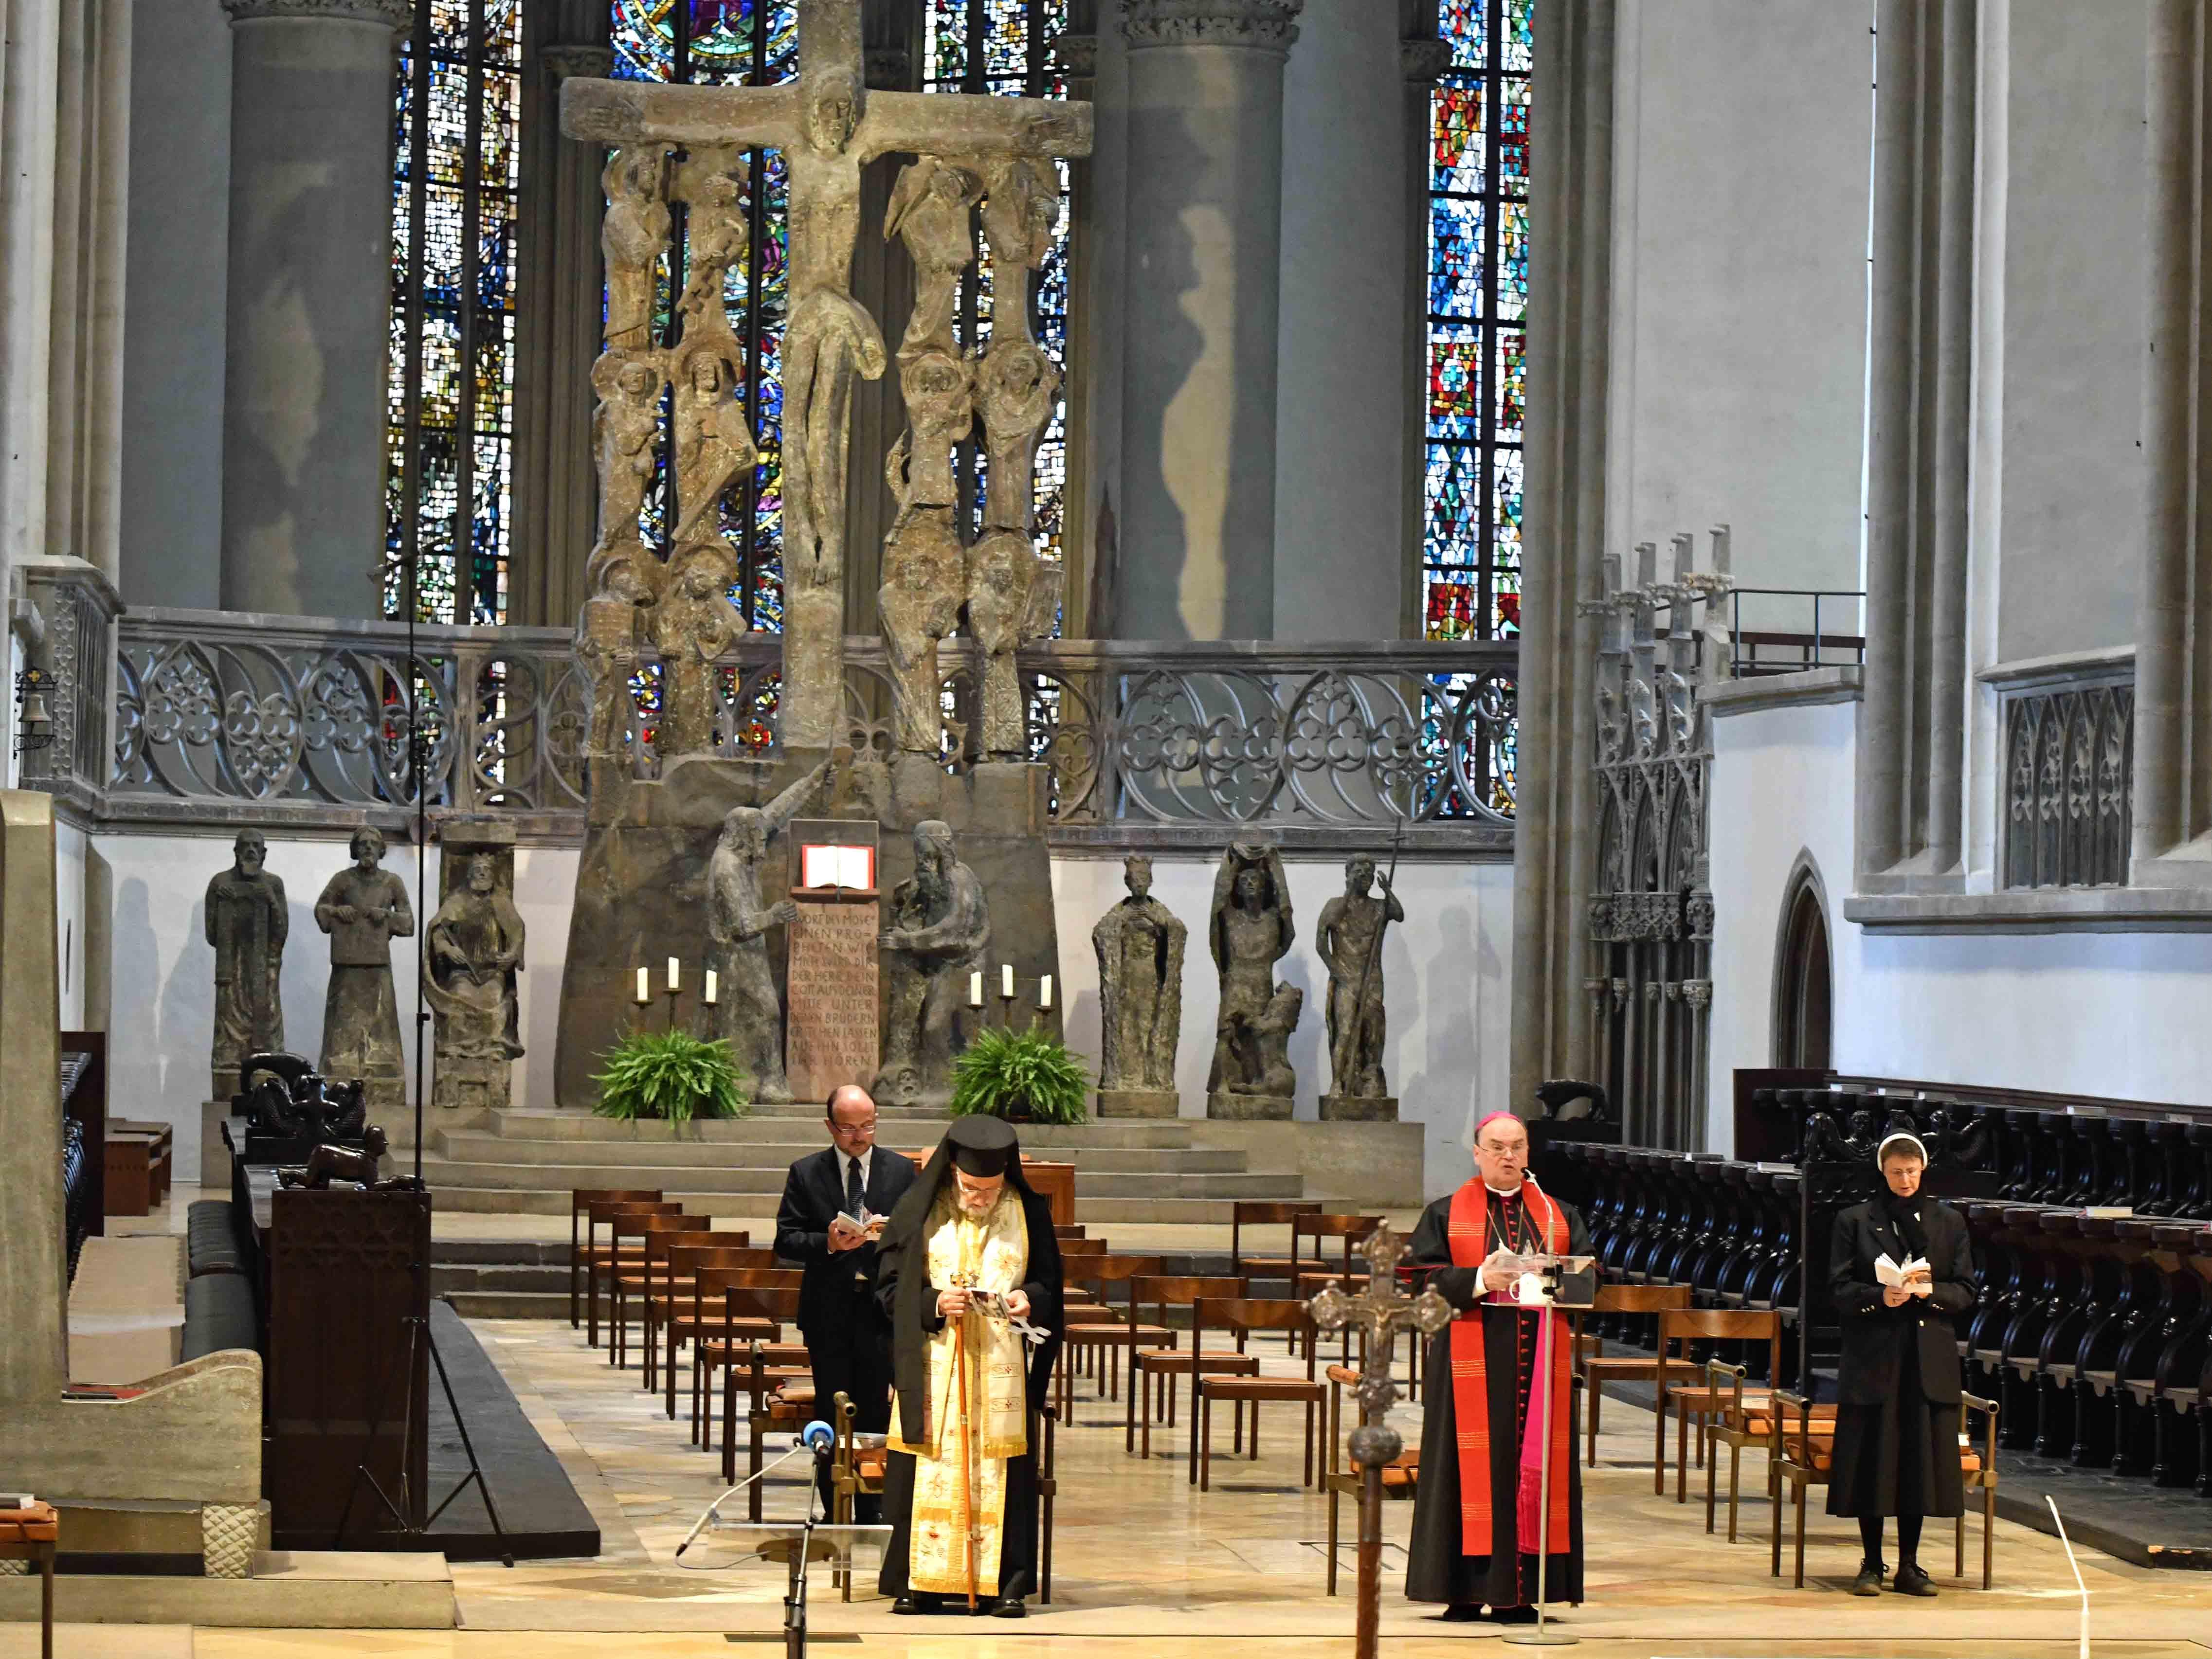 Kreuzweg für die verfolgte Kirche im Augsburger Dom, vorgebetet von Patriarch Gregorius, Bischof Bertram, Sr. Theresia Wittemann OSF und Georgios Vlantis (ACK Bayern). (Foto: Nicolas Schnall / pba)